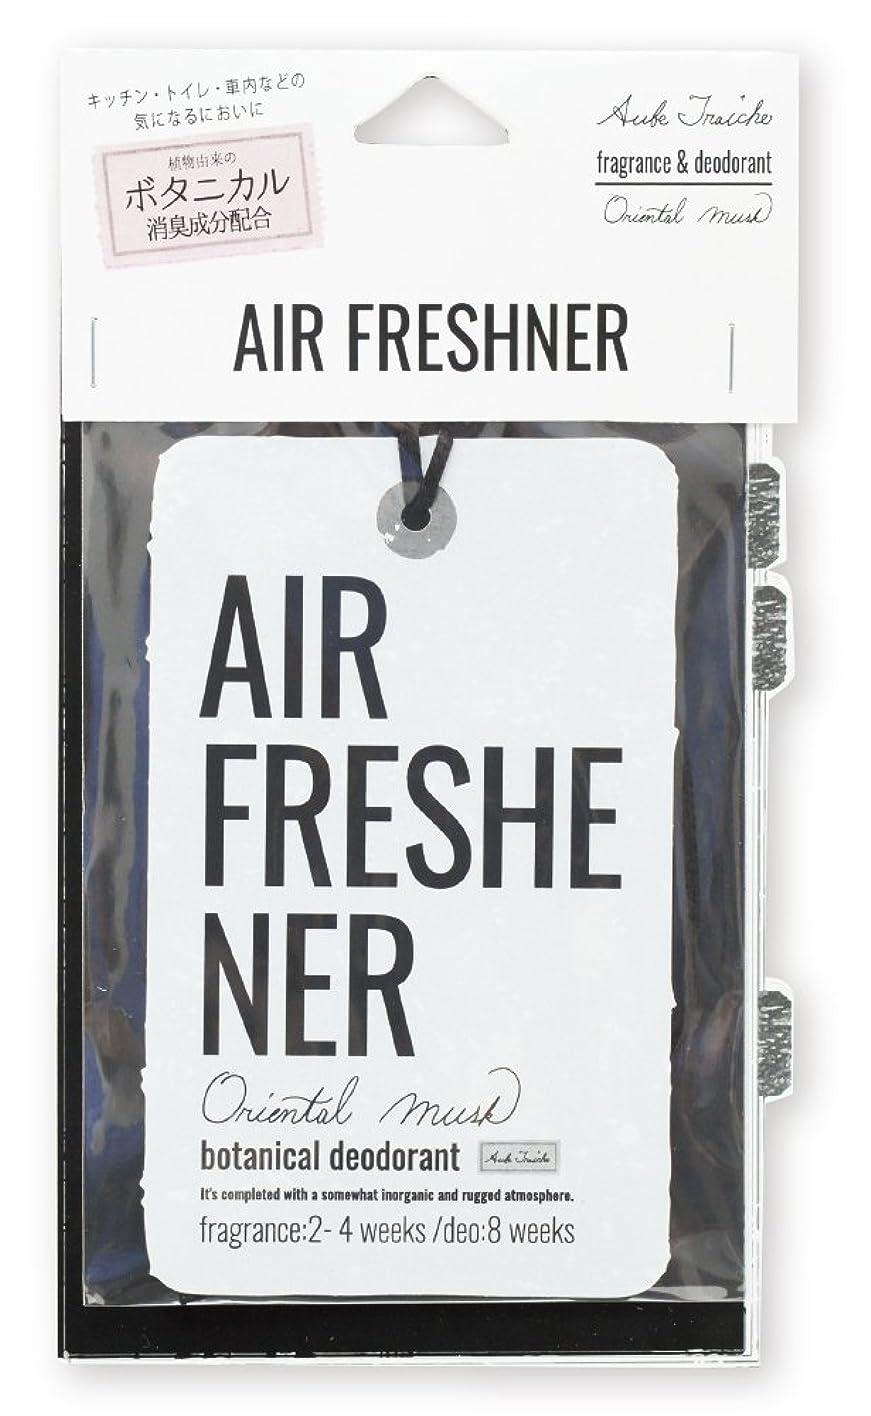 ジェット主権者ボンドノルコーポレーション エアーフレッシュナー 吊り下げ オーブフレッシュ 消臭 オリエンタルムスクの香り OA-AFE-1-1